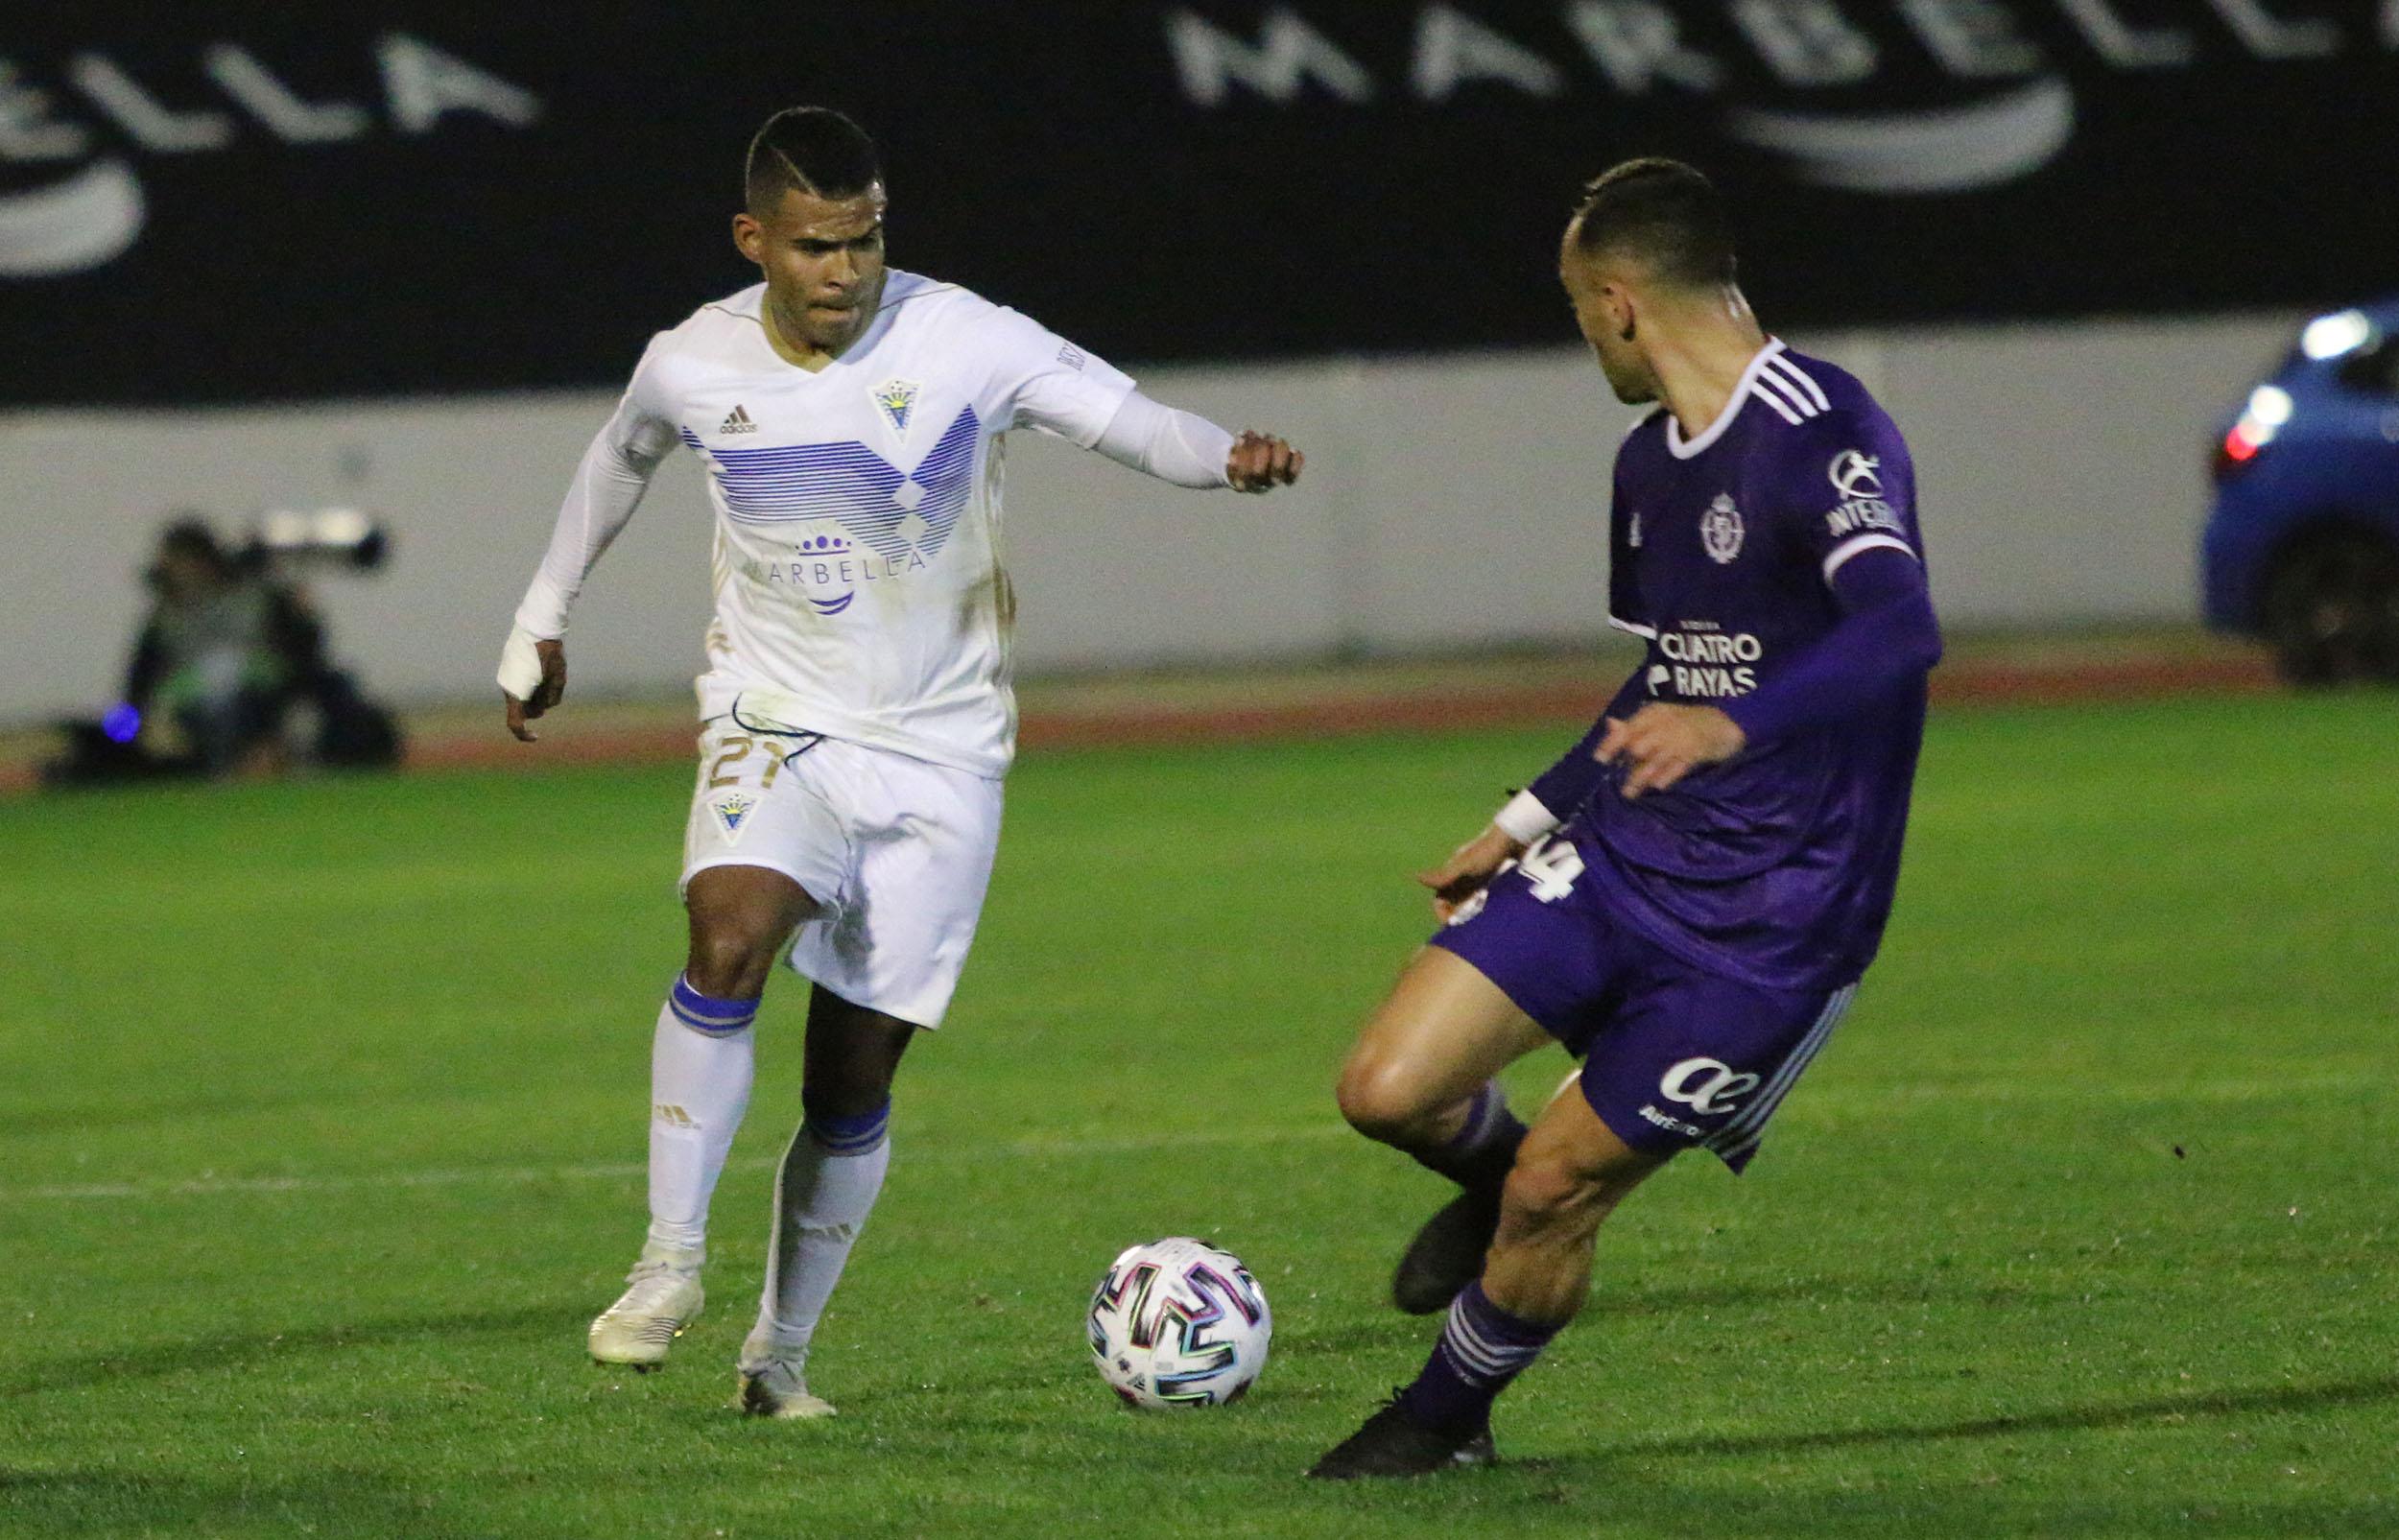 Marbella F.C. vs Valladolid, los blanquillos, eliminados en los penaltis